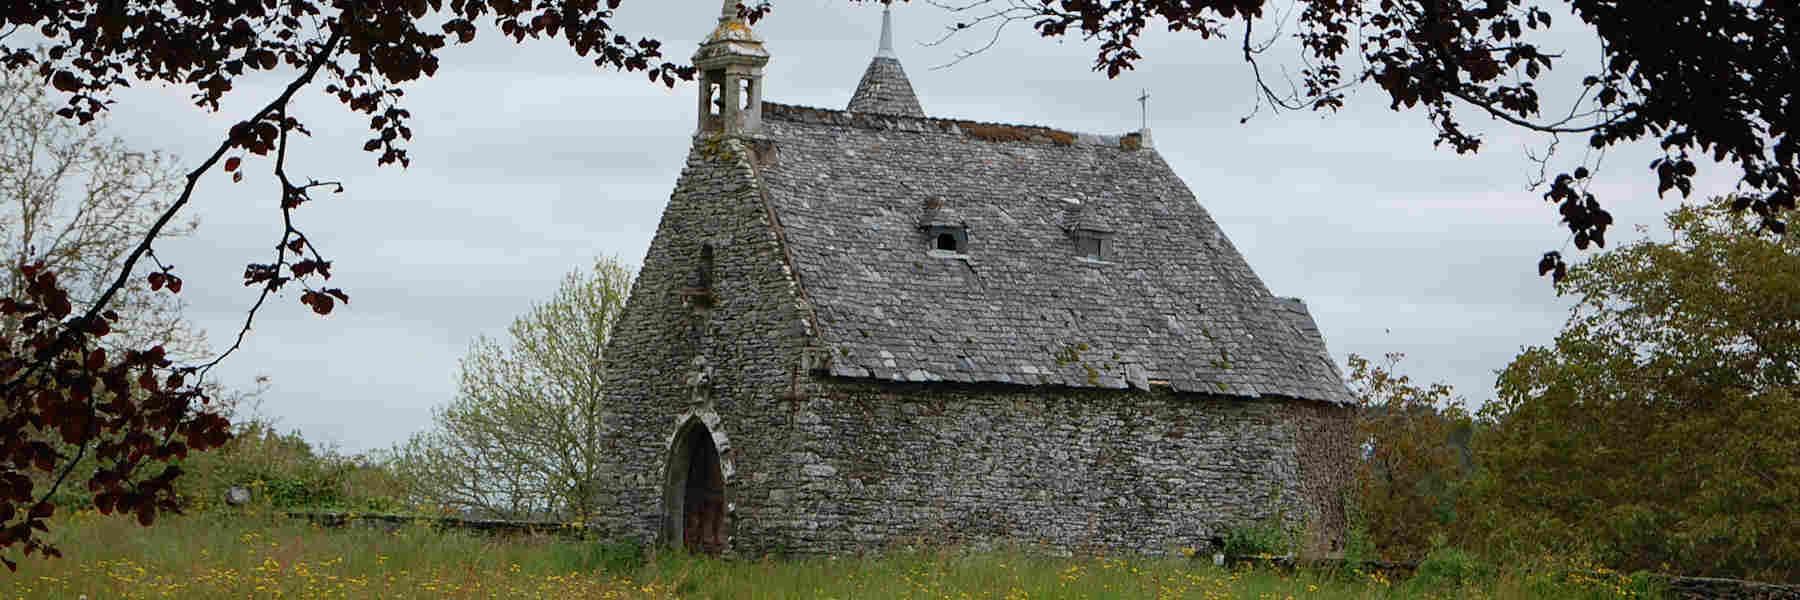 Visite du village de Rochefort-en-Terre